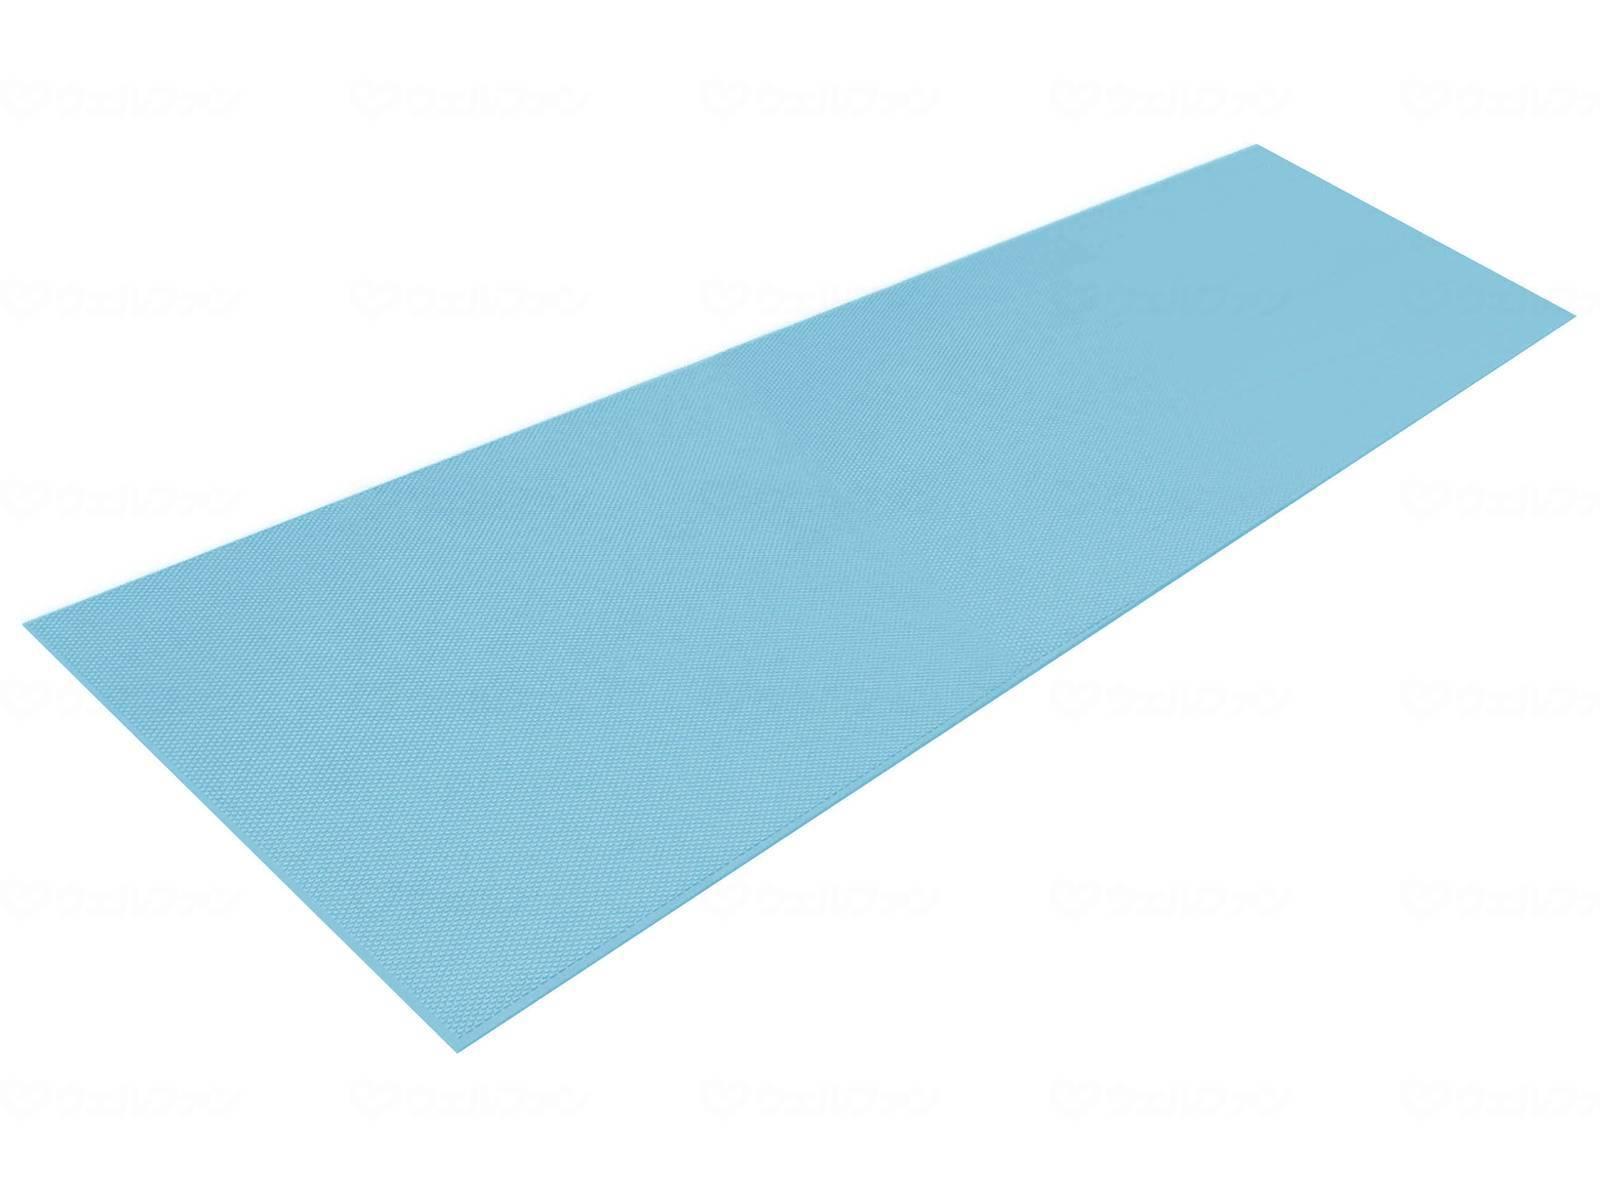 日本一すべらない長尺すべり止めマット シンエイテクノ ダイヤロングマット SL2ブルー・グリーン幅50cm×長さ200cm 厚さ3mm [滑り止め バリアフリー 介護]